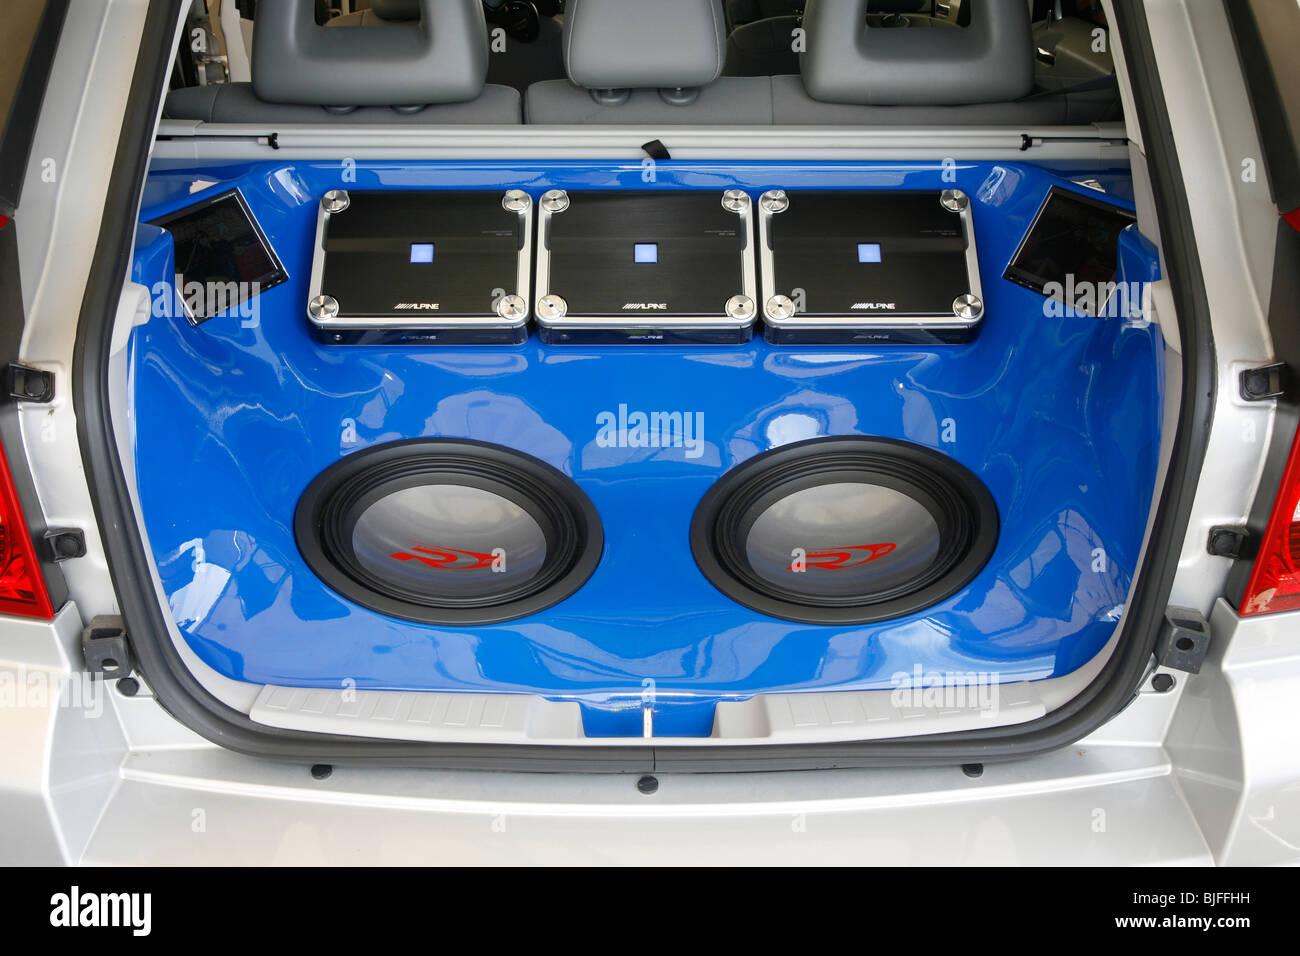 Auto Audio System Im Kofferraum Eines Autos Stockfoto Bild